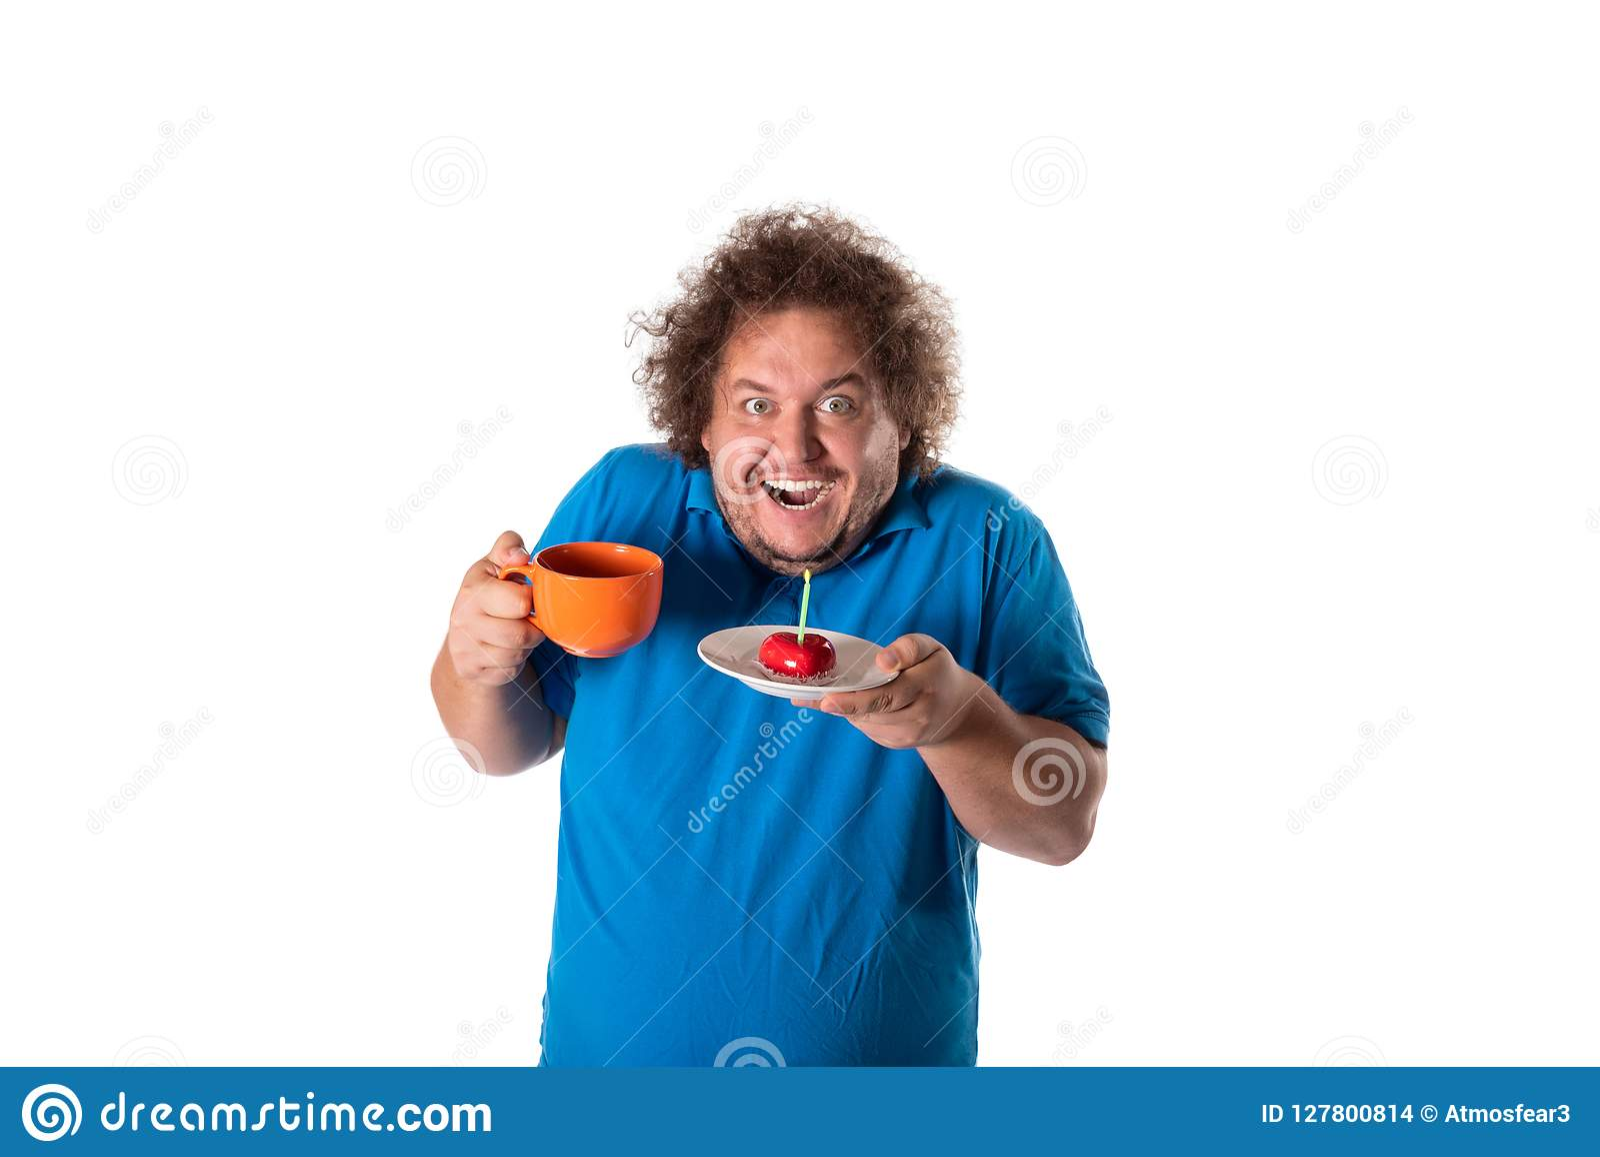 Śmieszny gruby mężczyzna z kubkiem i tortem szczęśliwy urodziny